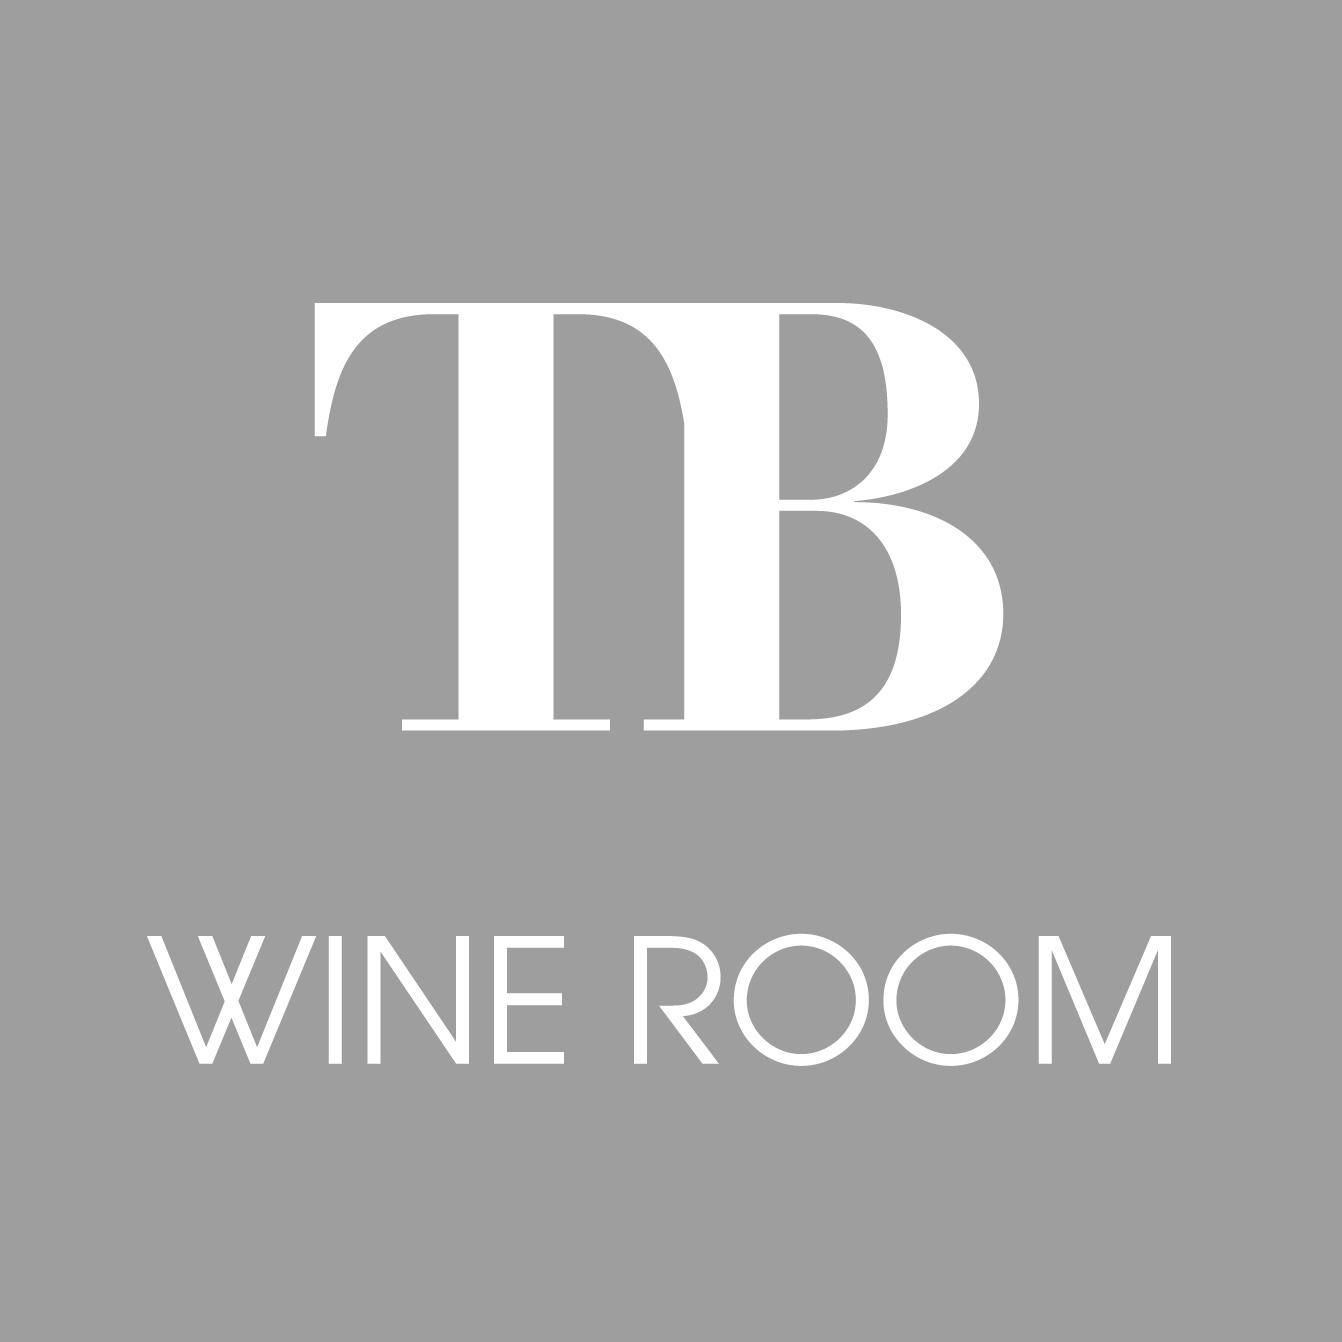 TB Wineroom.jpg